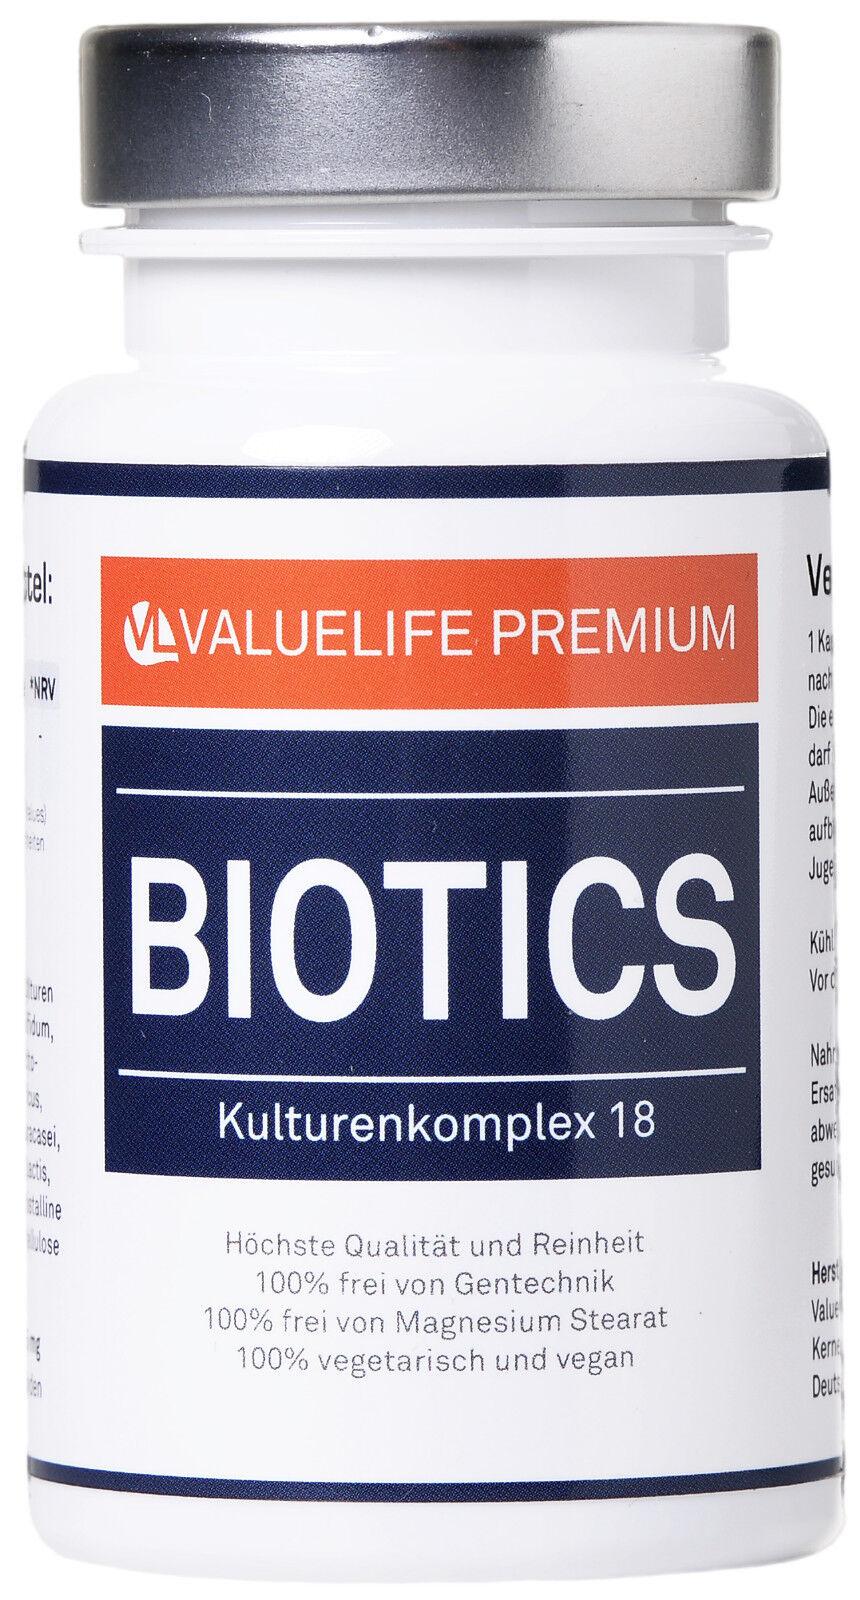 Biotics Kulturenkomplex 18 – Probiotika Darmflora Kapseln von VALUELIFE